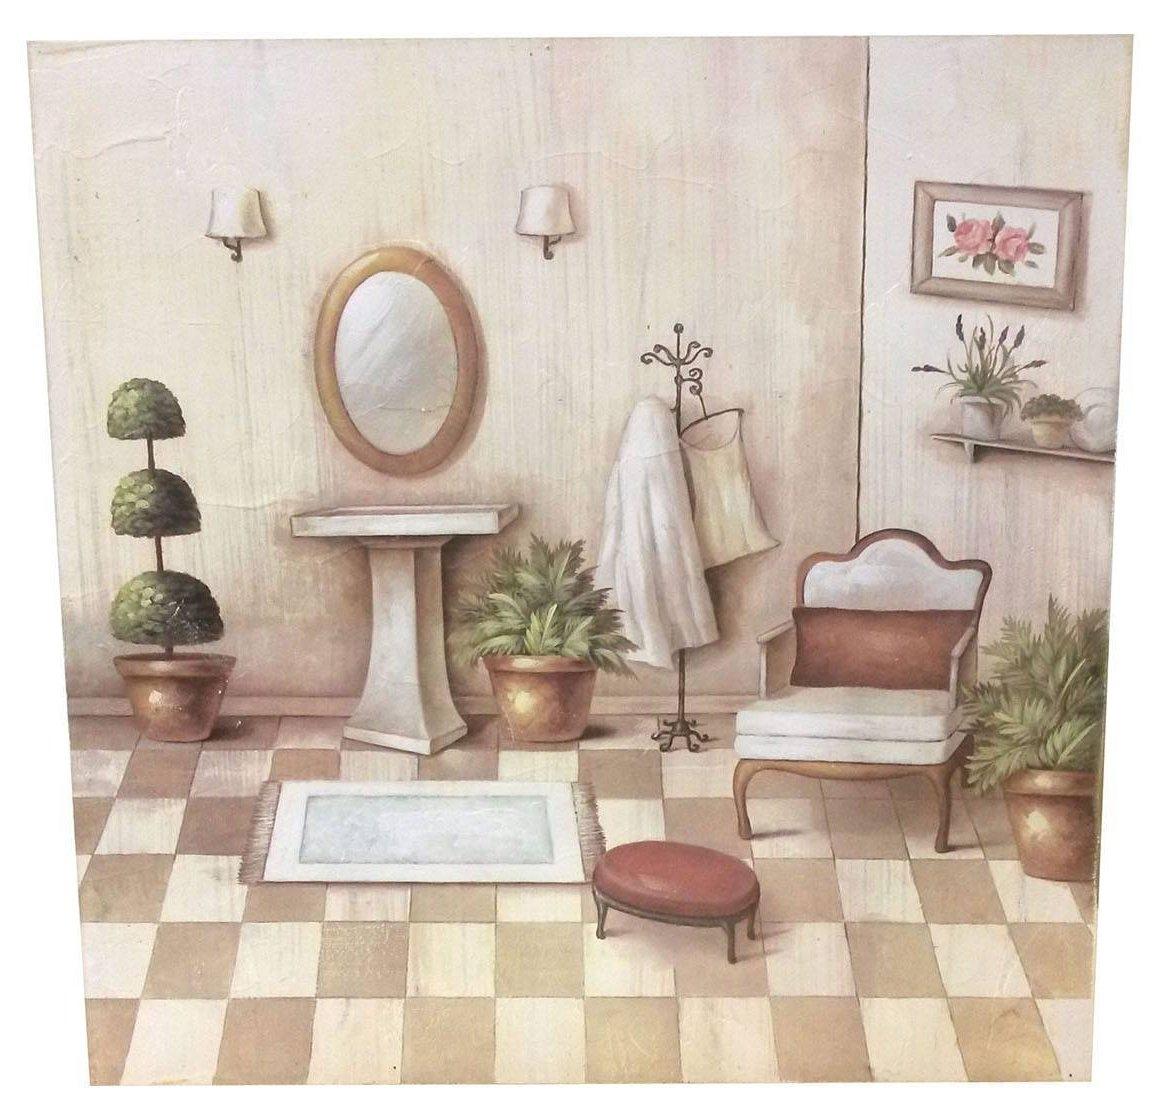 Quadro aline bagno shabby 60x60cm quadri for Arredamento stile country provenzale